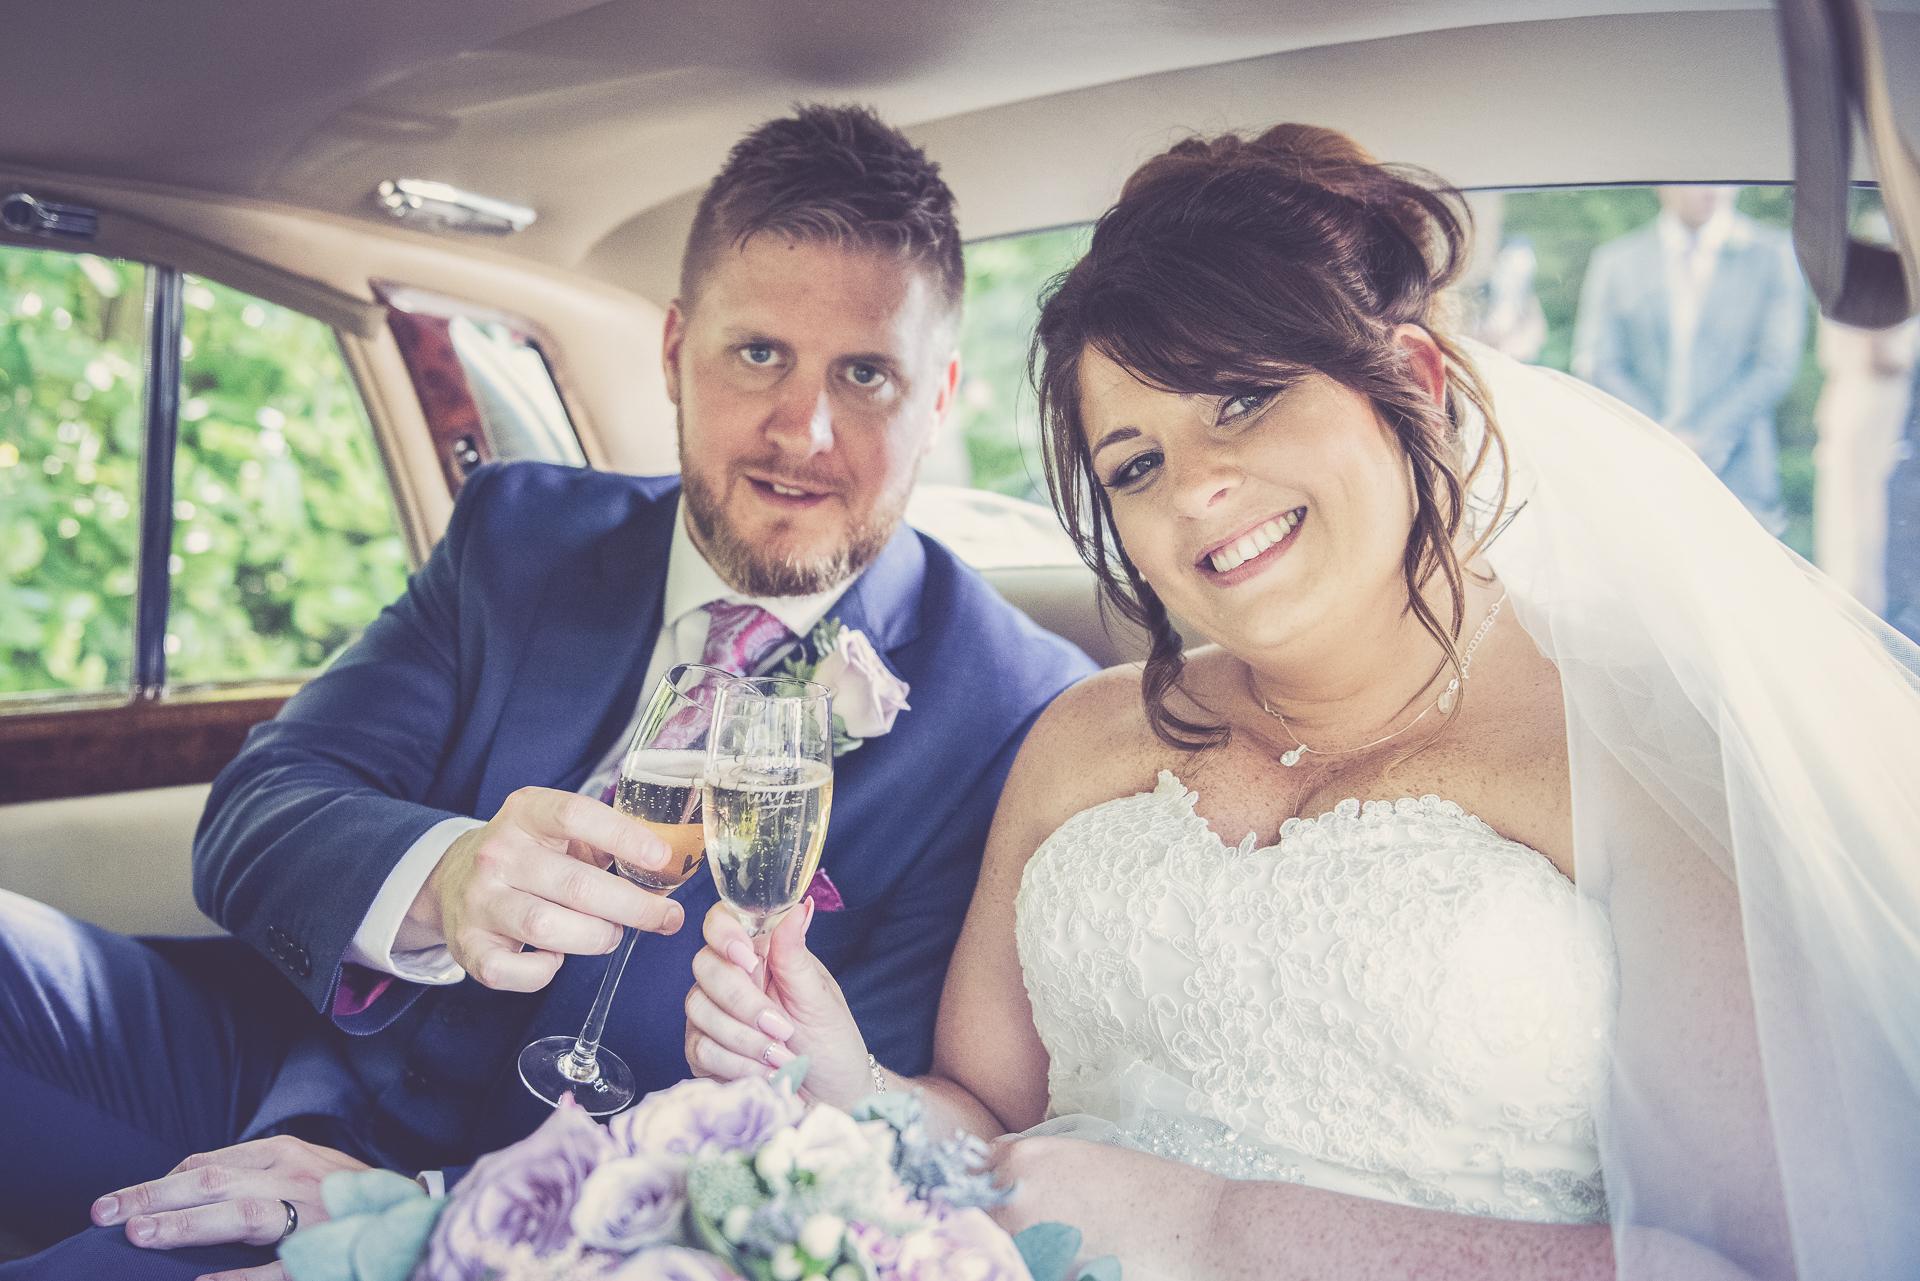 Frensham-Pond-Hotel-wedding_31.JPG